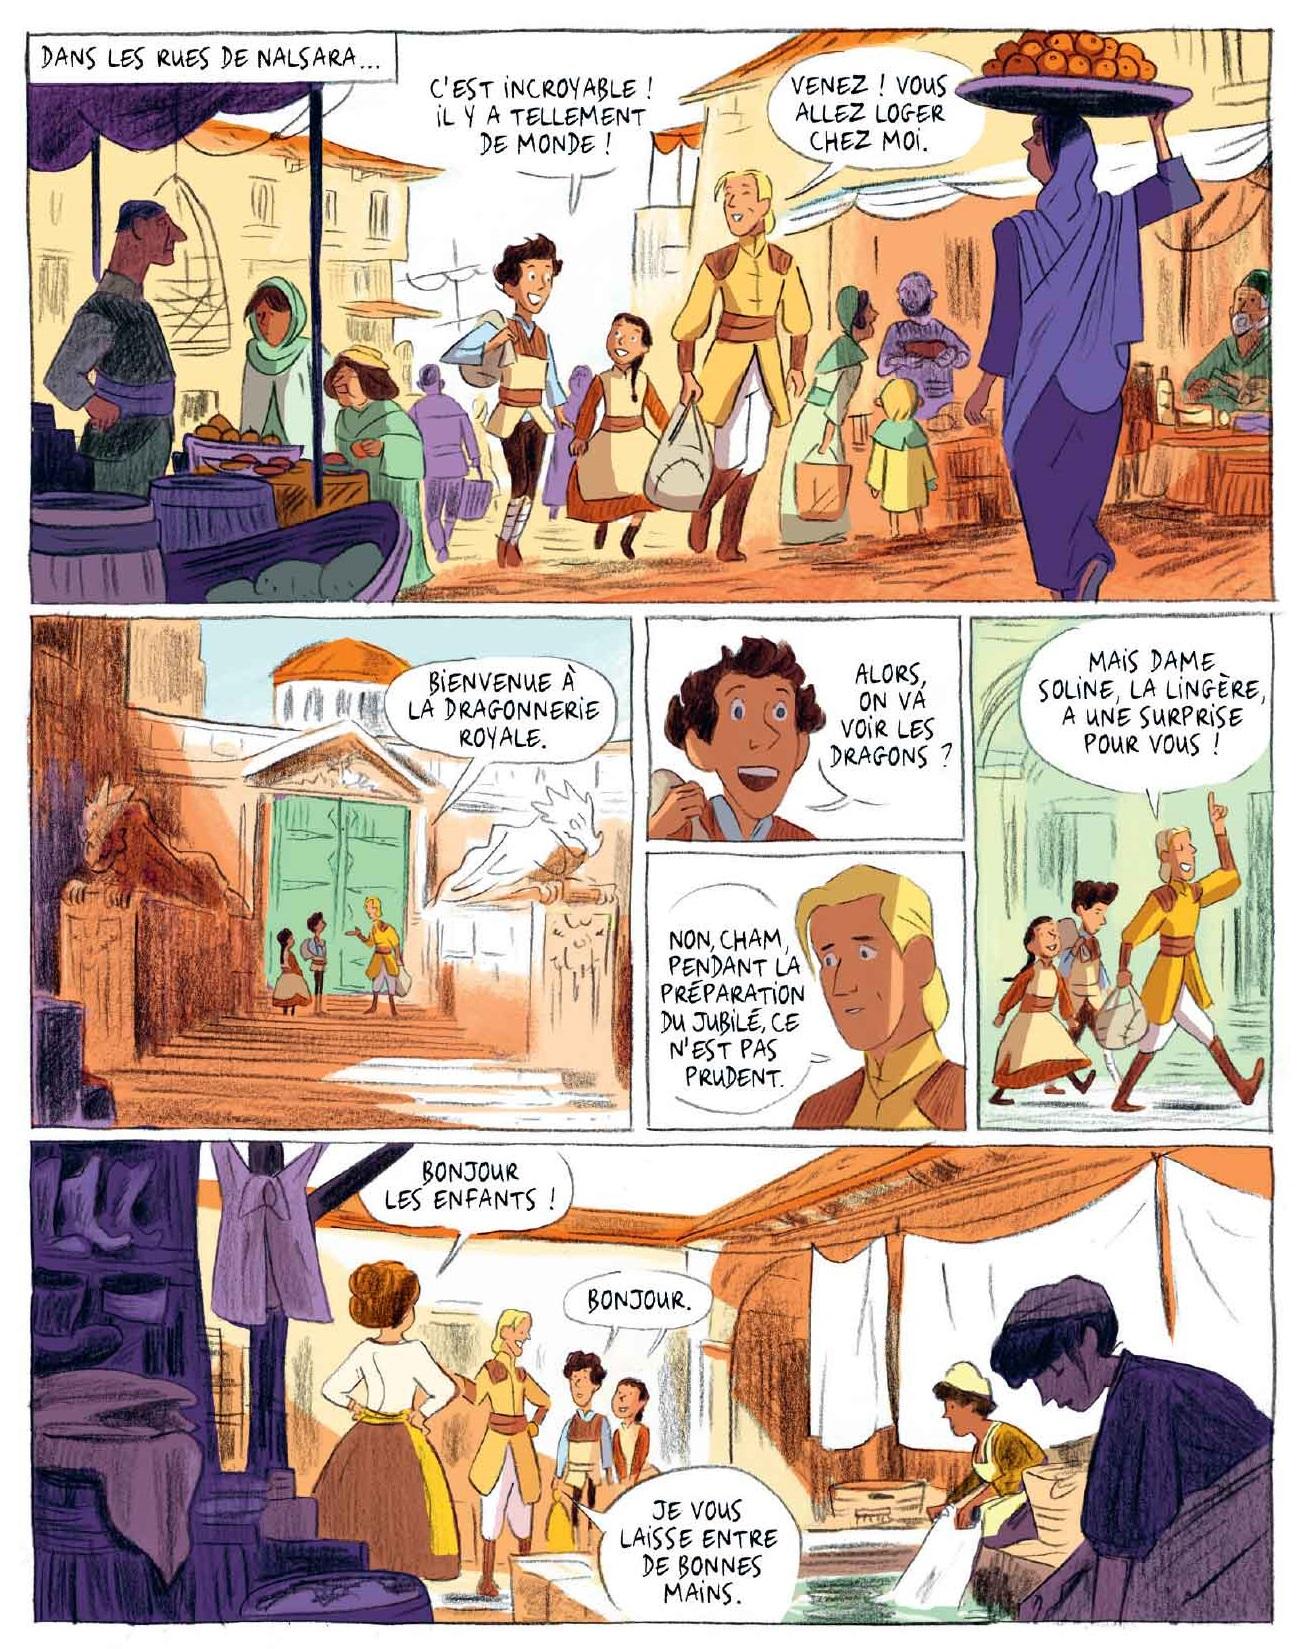 Les dragons de Nalsara T1 page 39